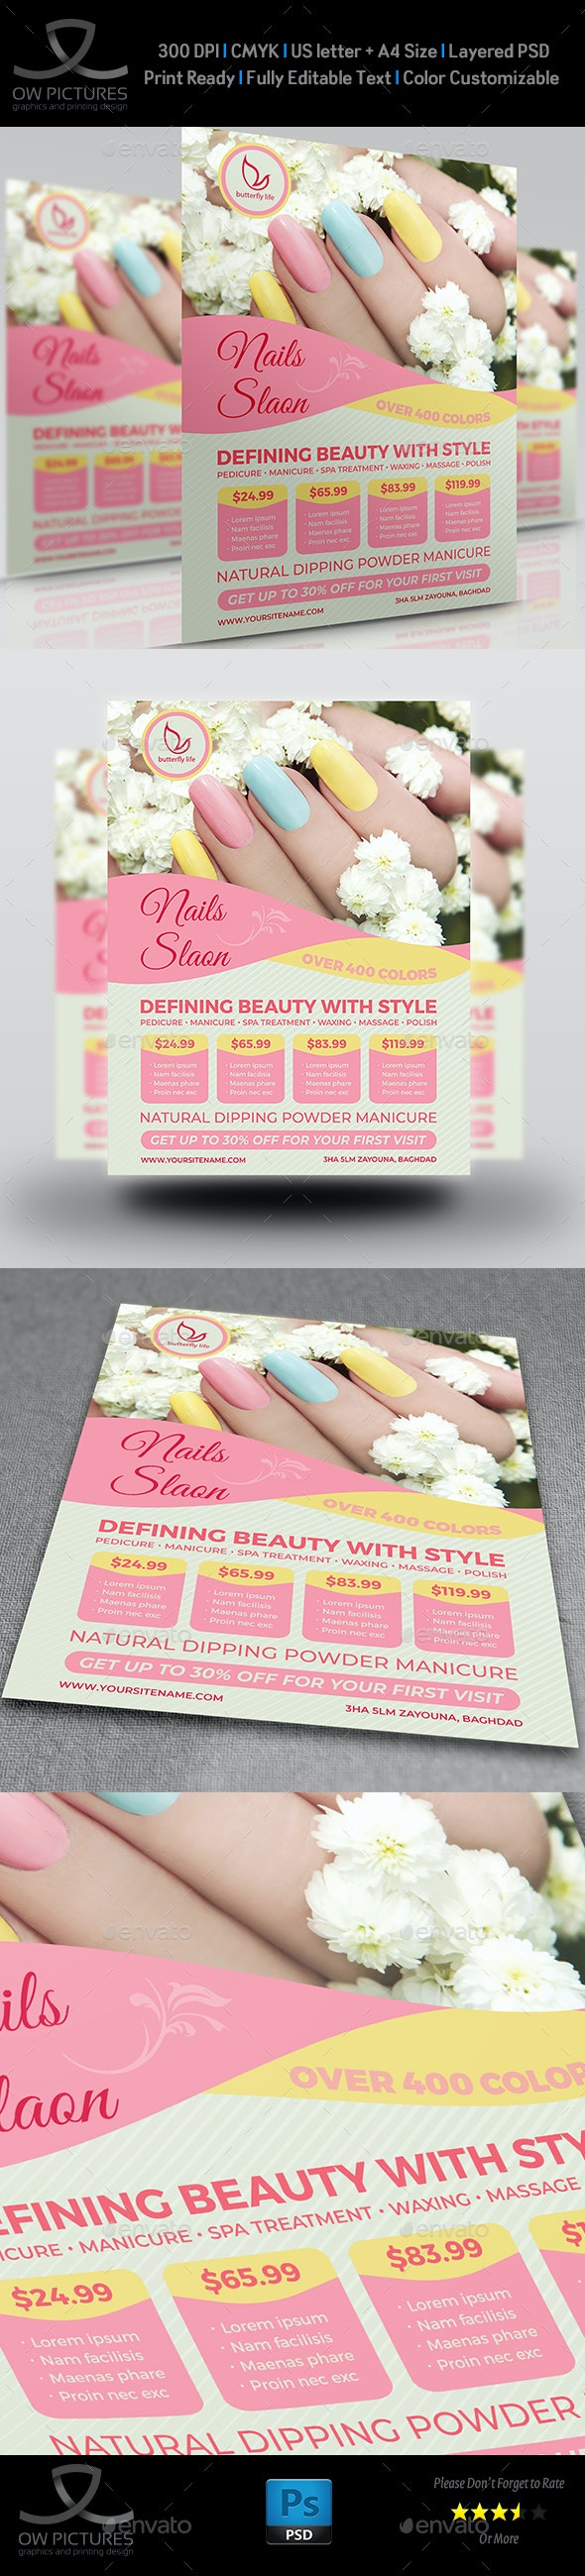 Nail Salon Flyer Template Vol.2 - Flyers Print Templates